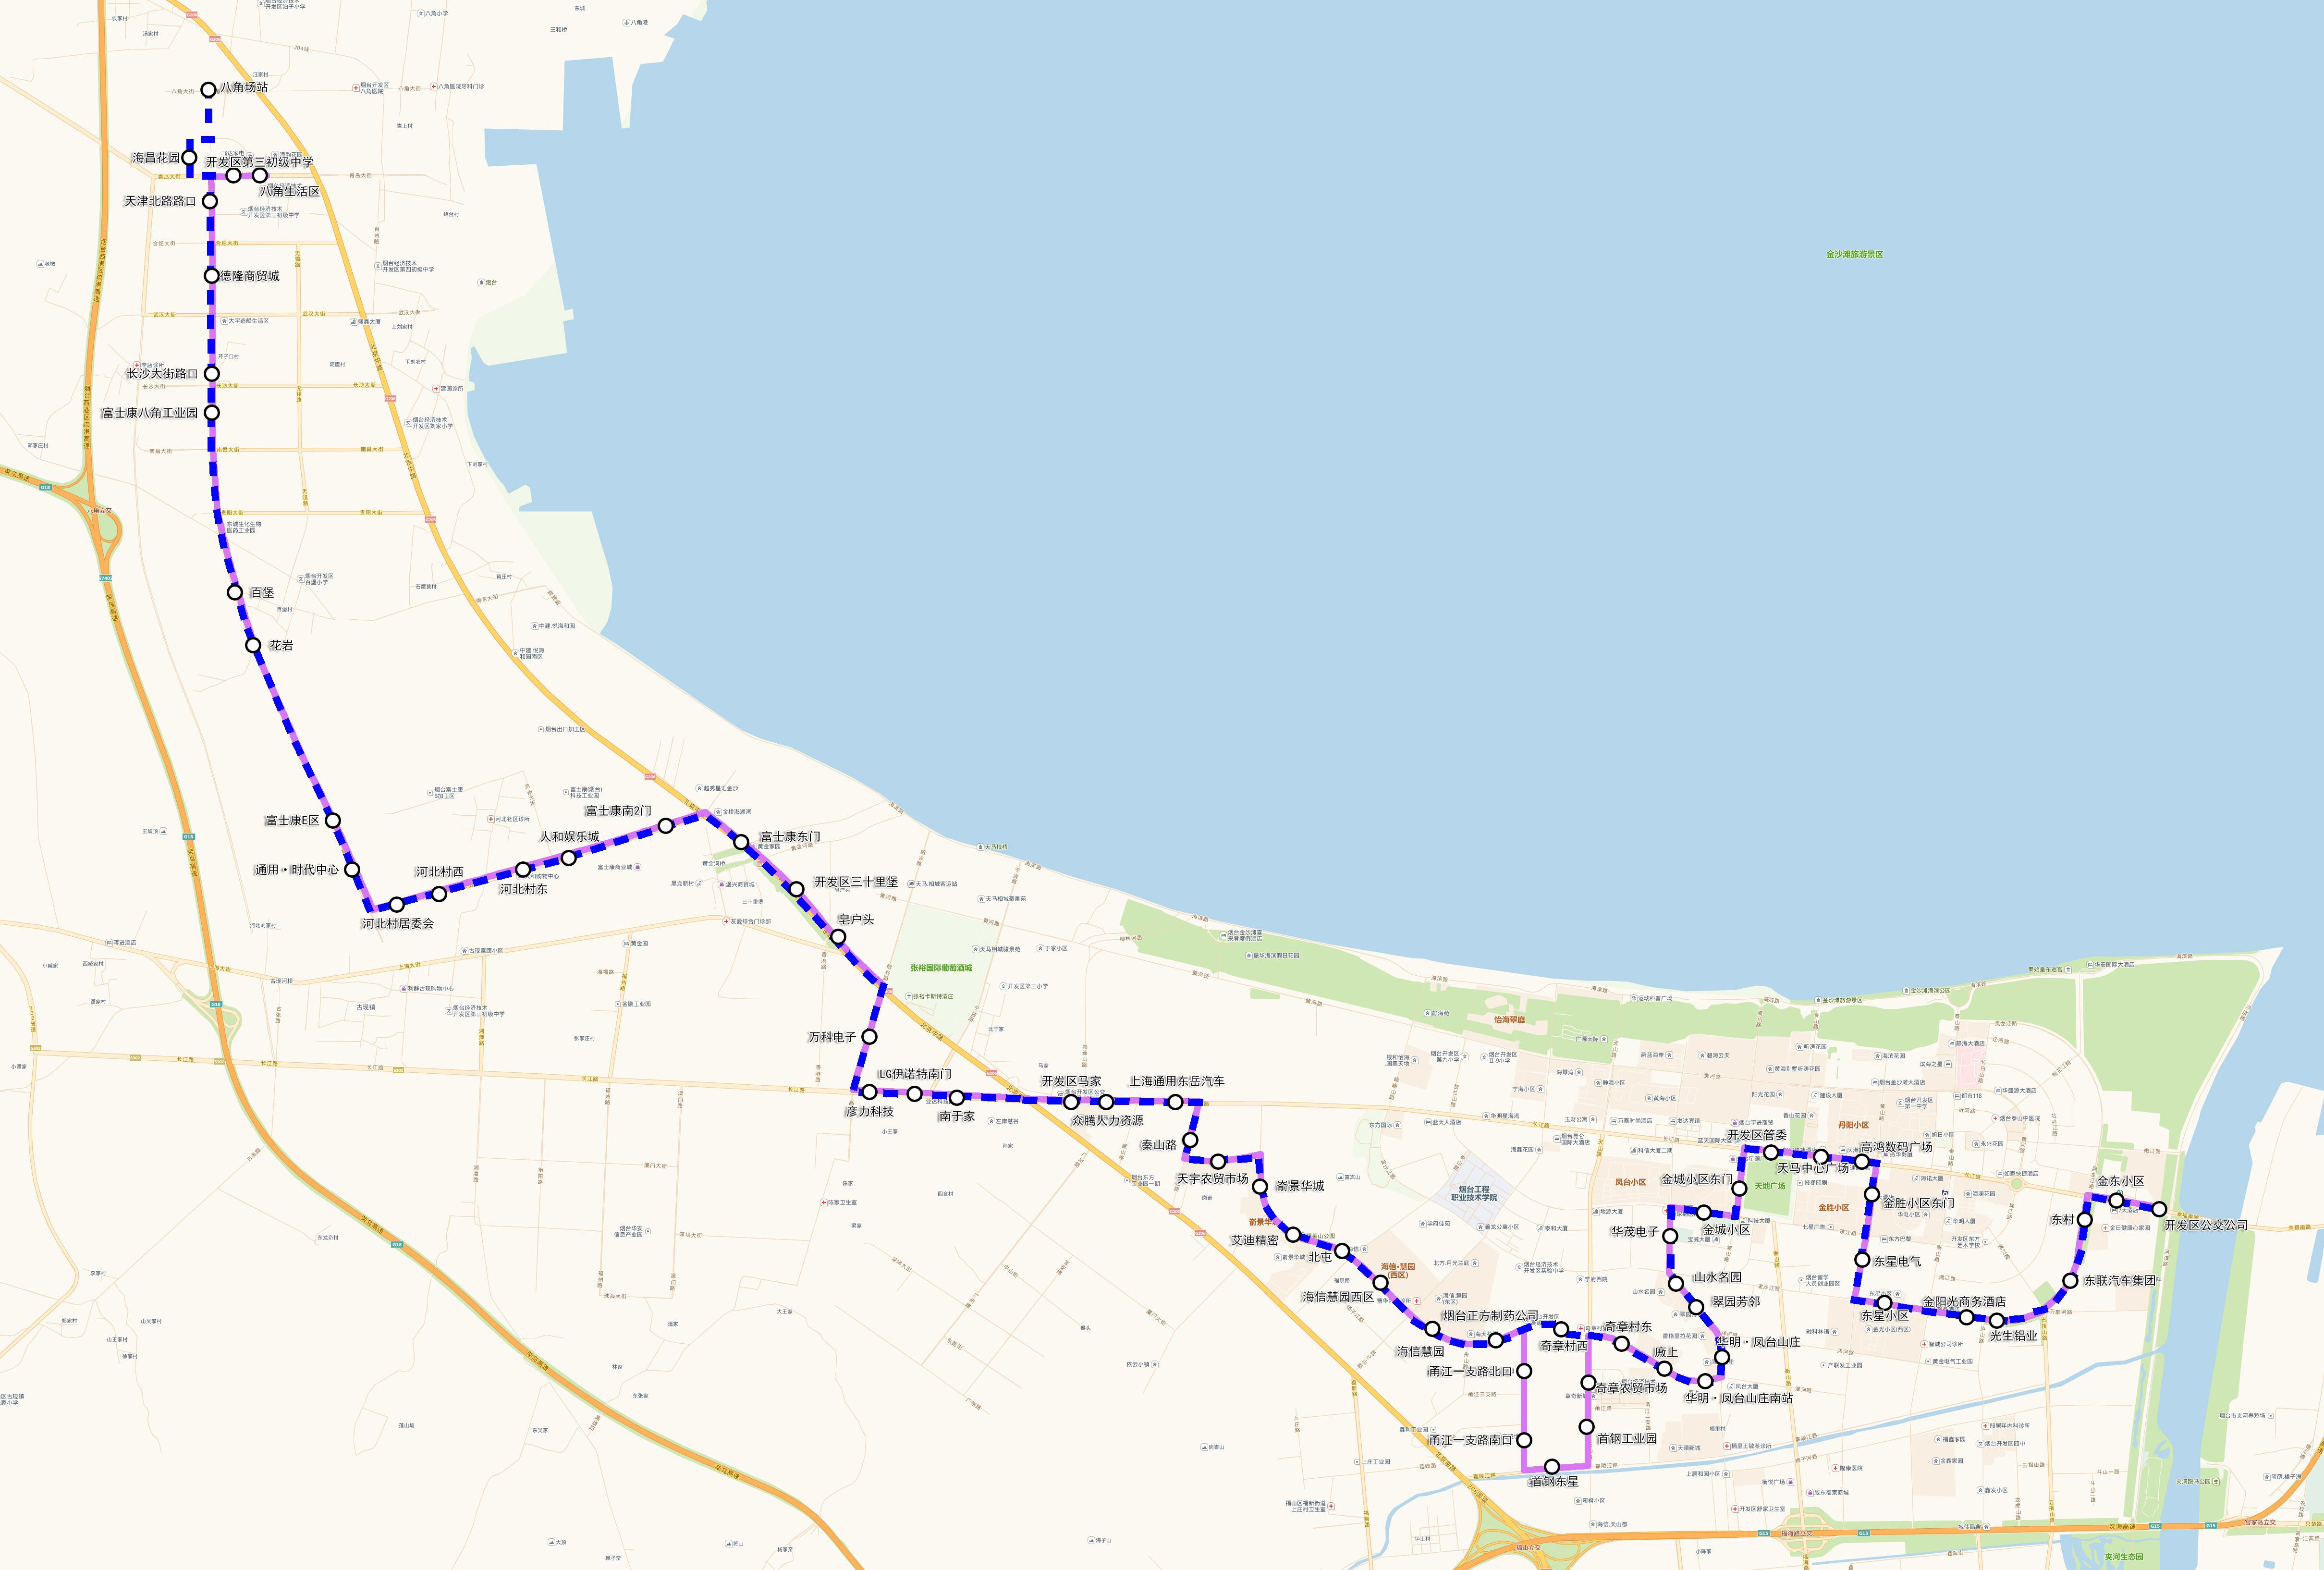 一,线路调整      该线路将从夹河场站发车,沿原路线运行至秦淮河路与